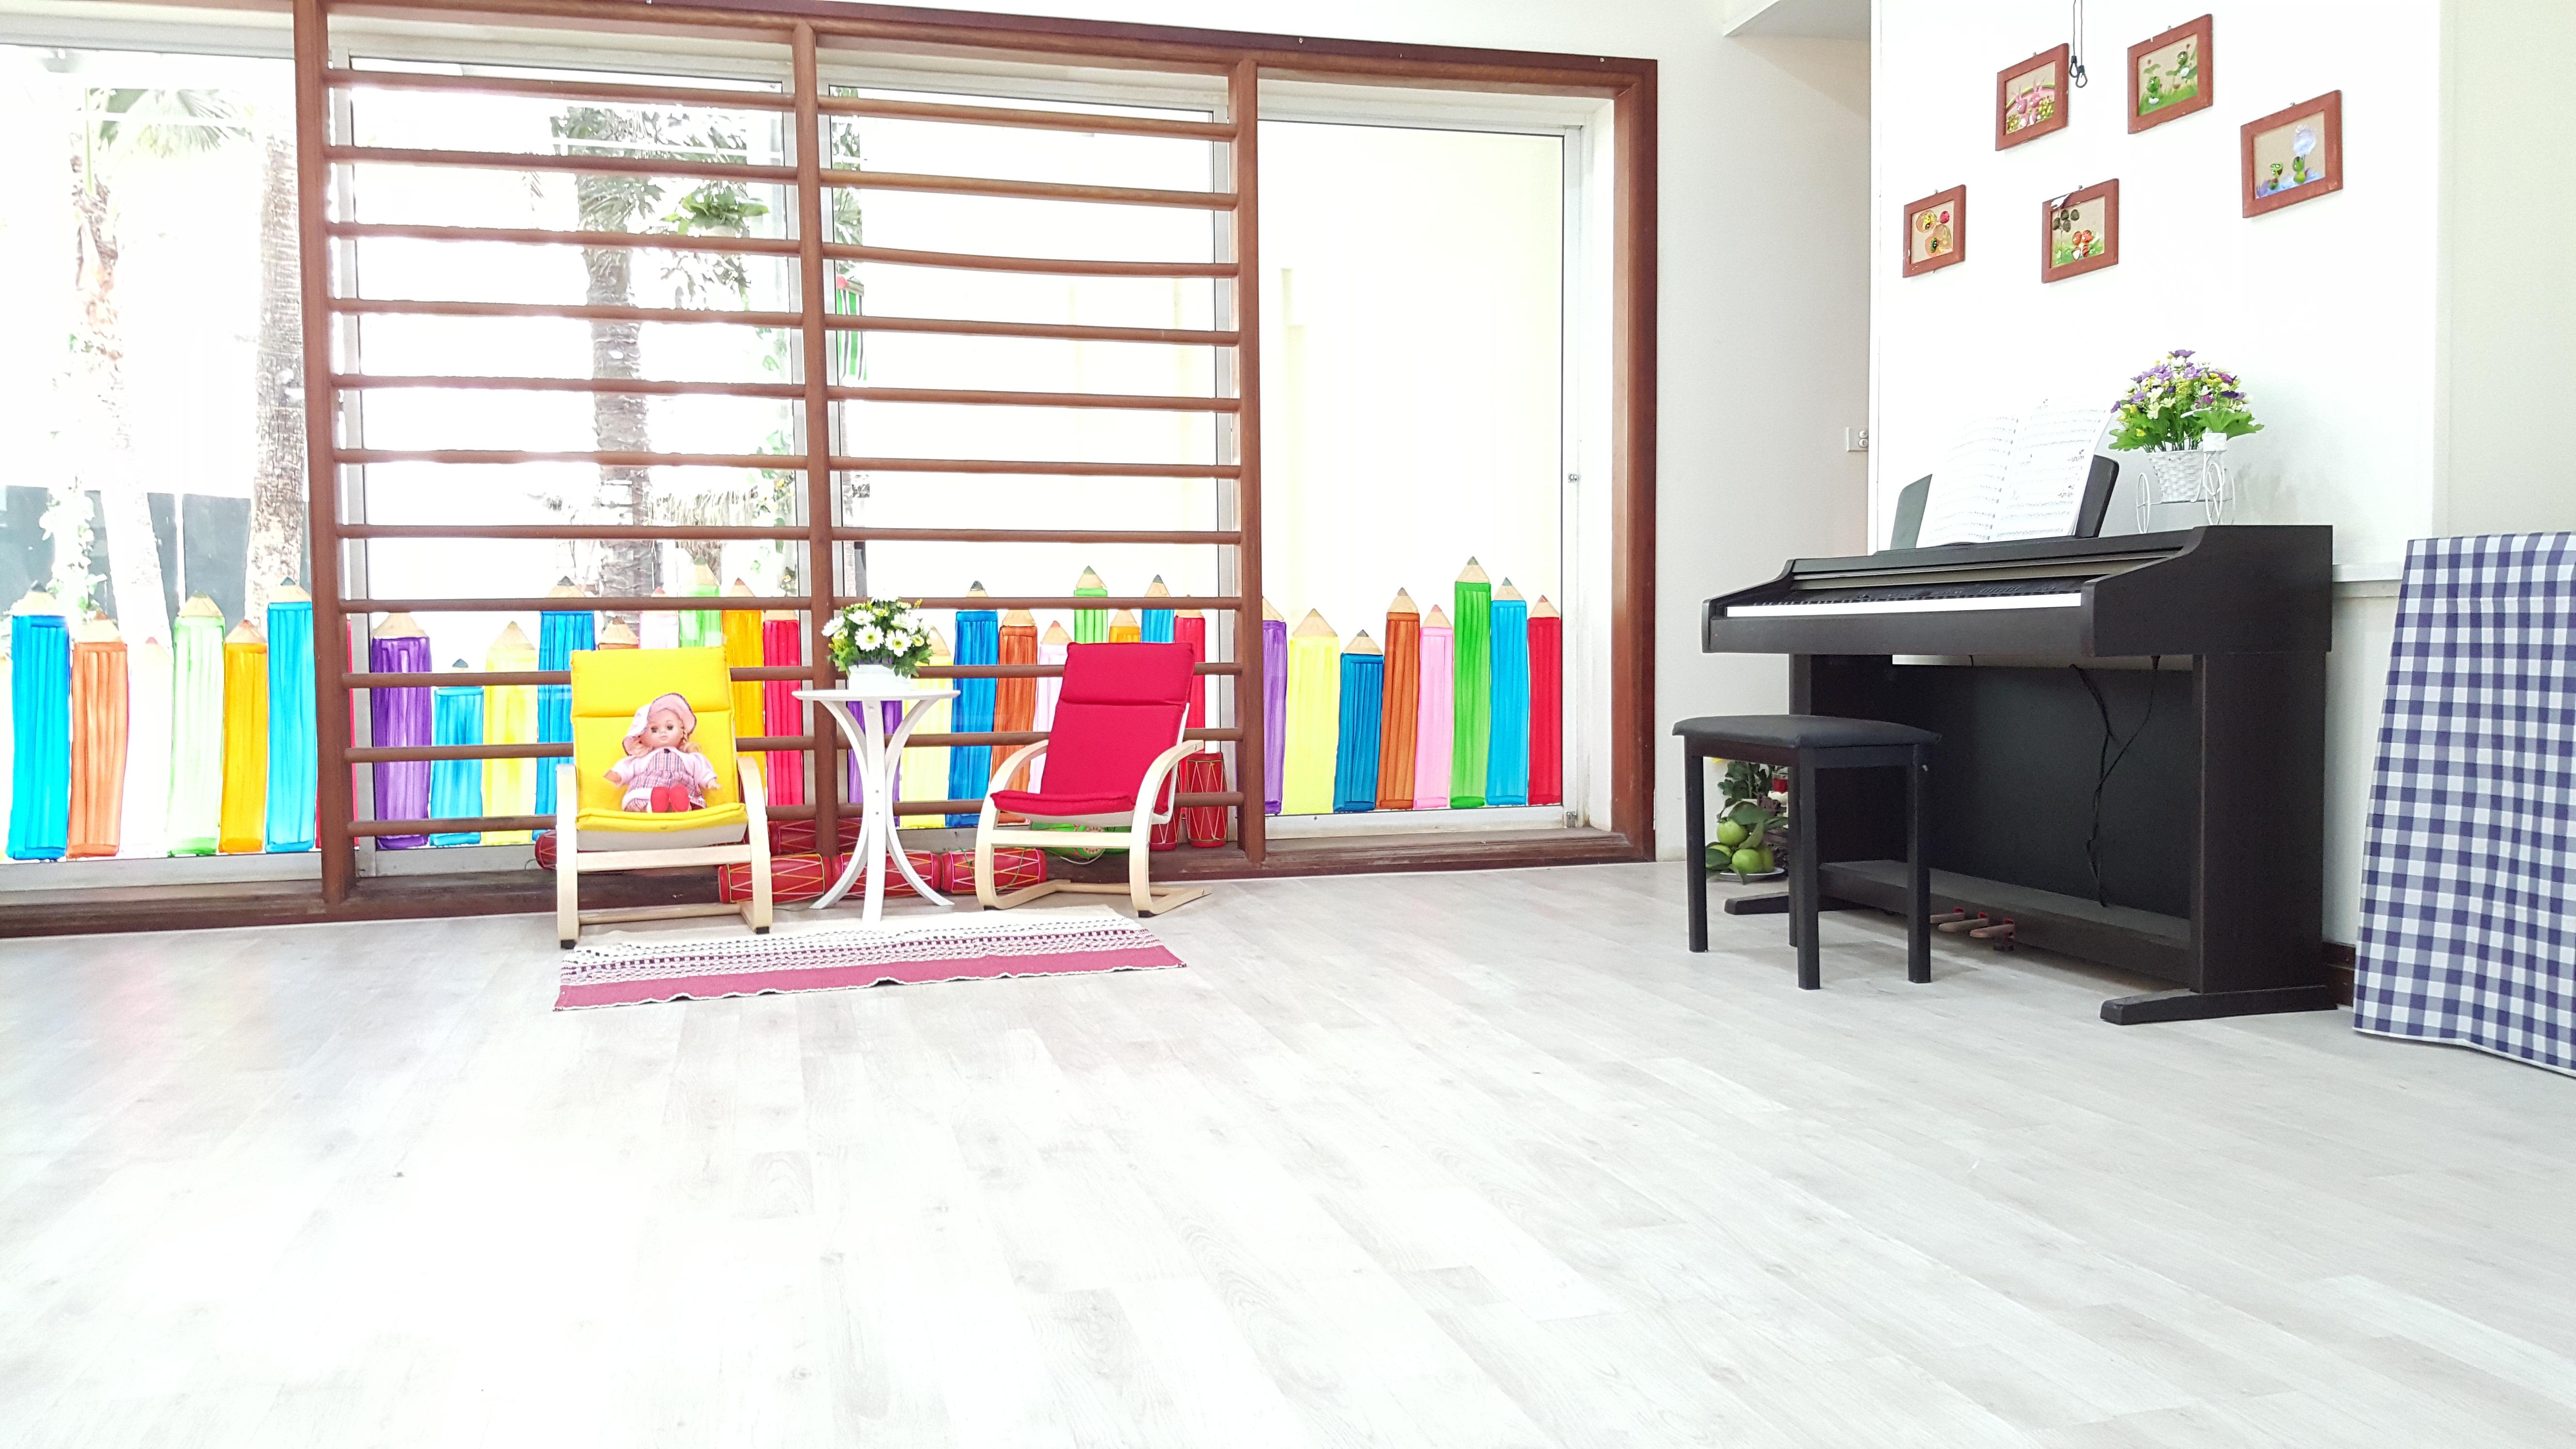 Cơ sở vật chất Học viện mầm non AMI, quận Cầu Giấy, Hà Nội (Ảnh: website)